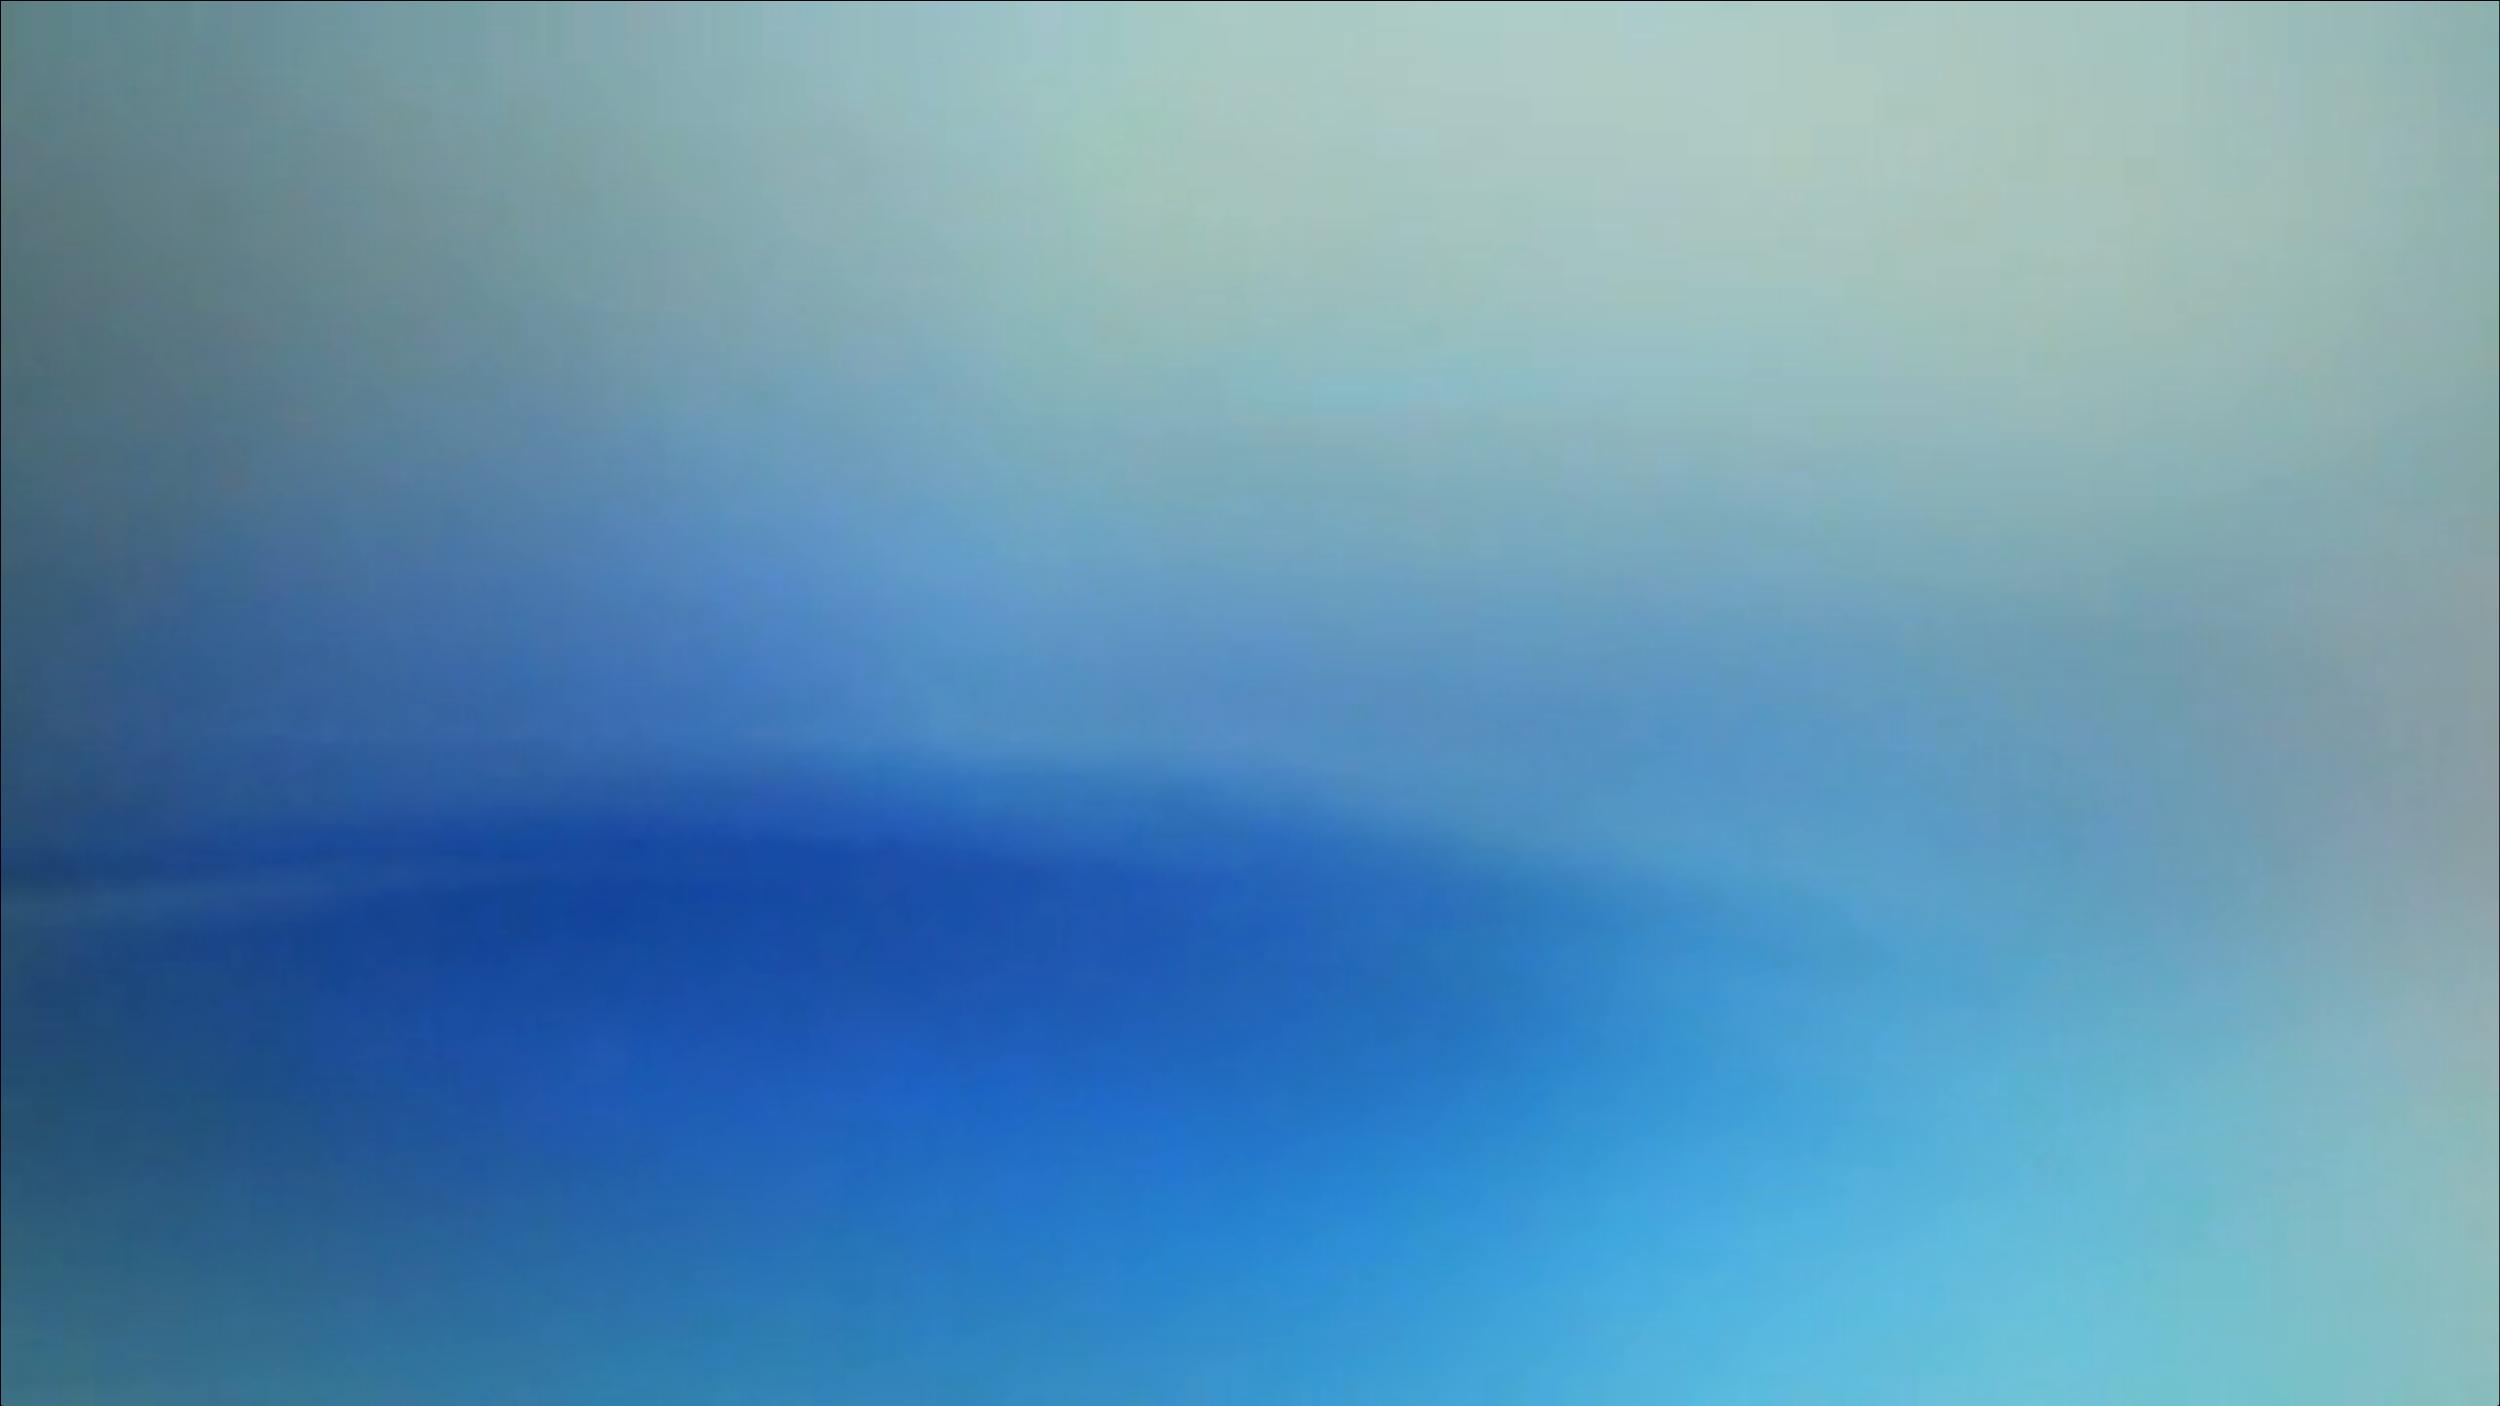 Screen Shot 2014-03-25 at 4.36.07 PM.png